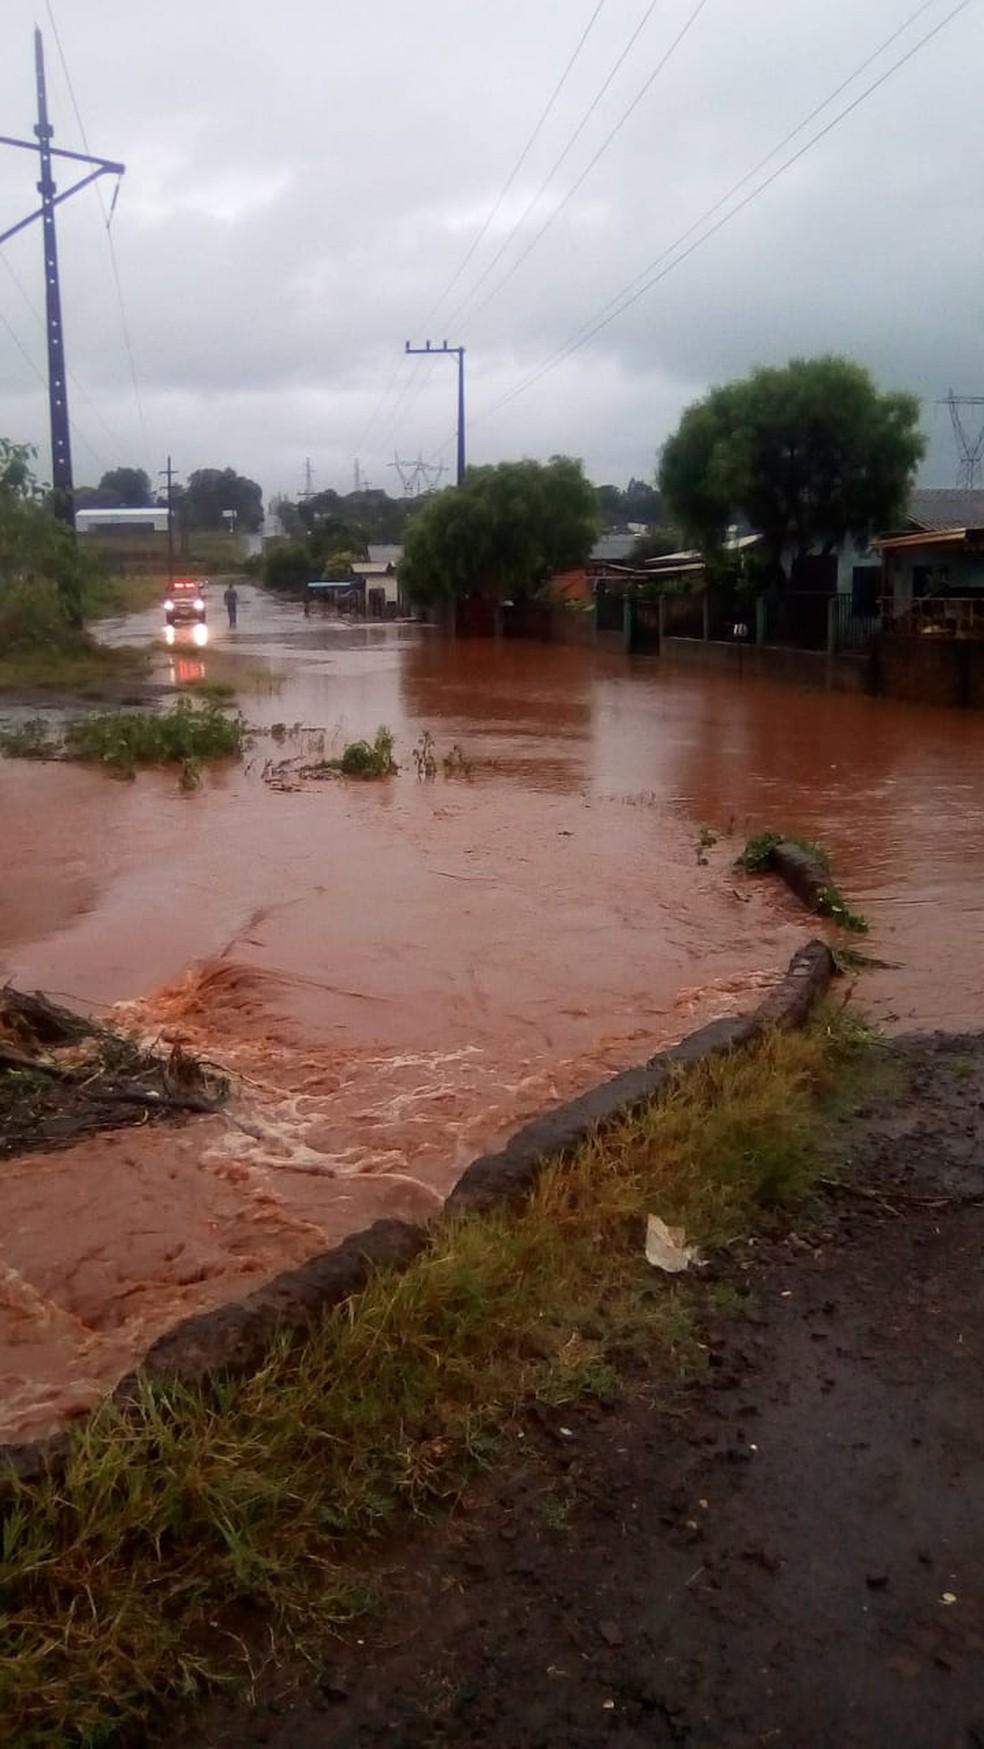 Alagamentos foram registrados em diversos pontos de Xanxerê — Foto: Defesa Civil/Divulgação